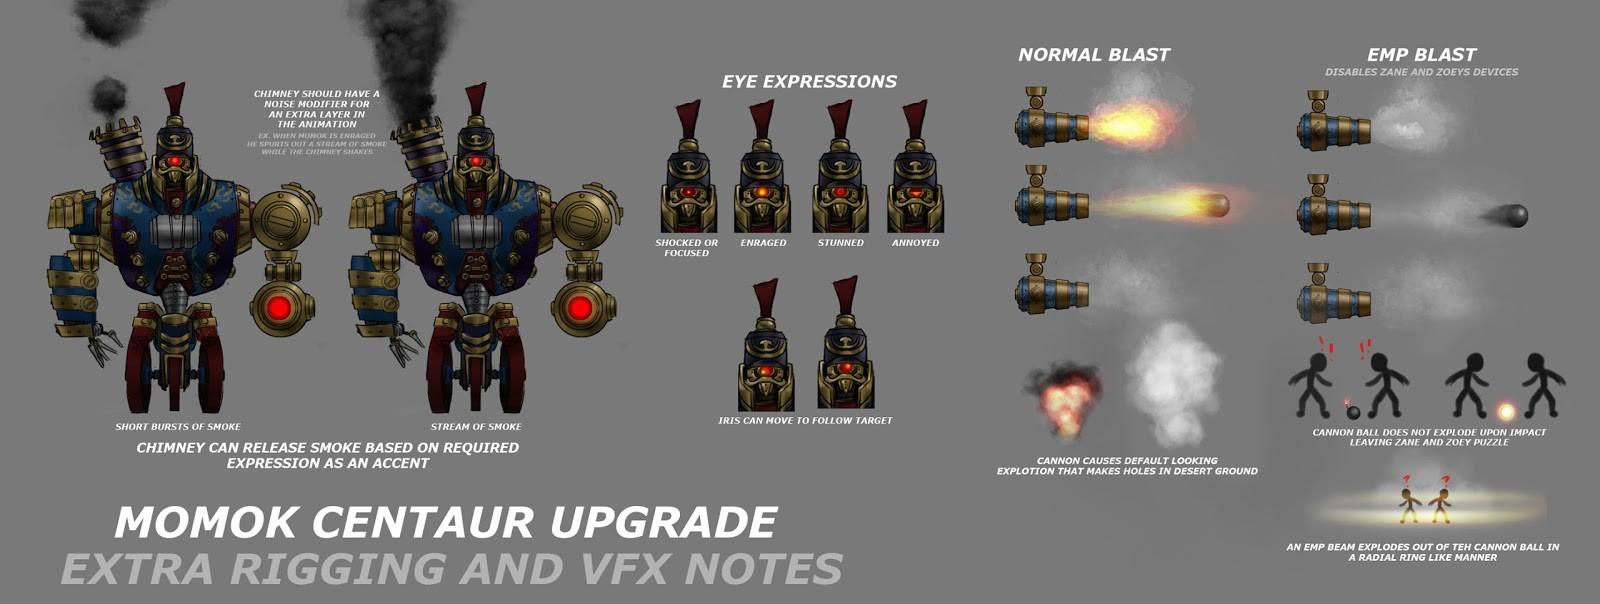 Jose cua momok centaur upgrade extra rigging and vfx notes